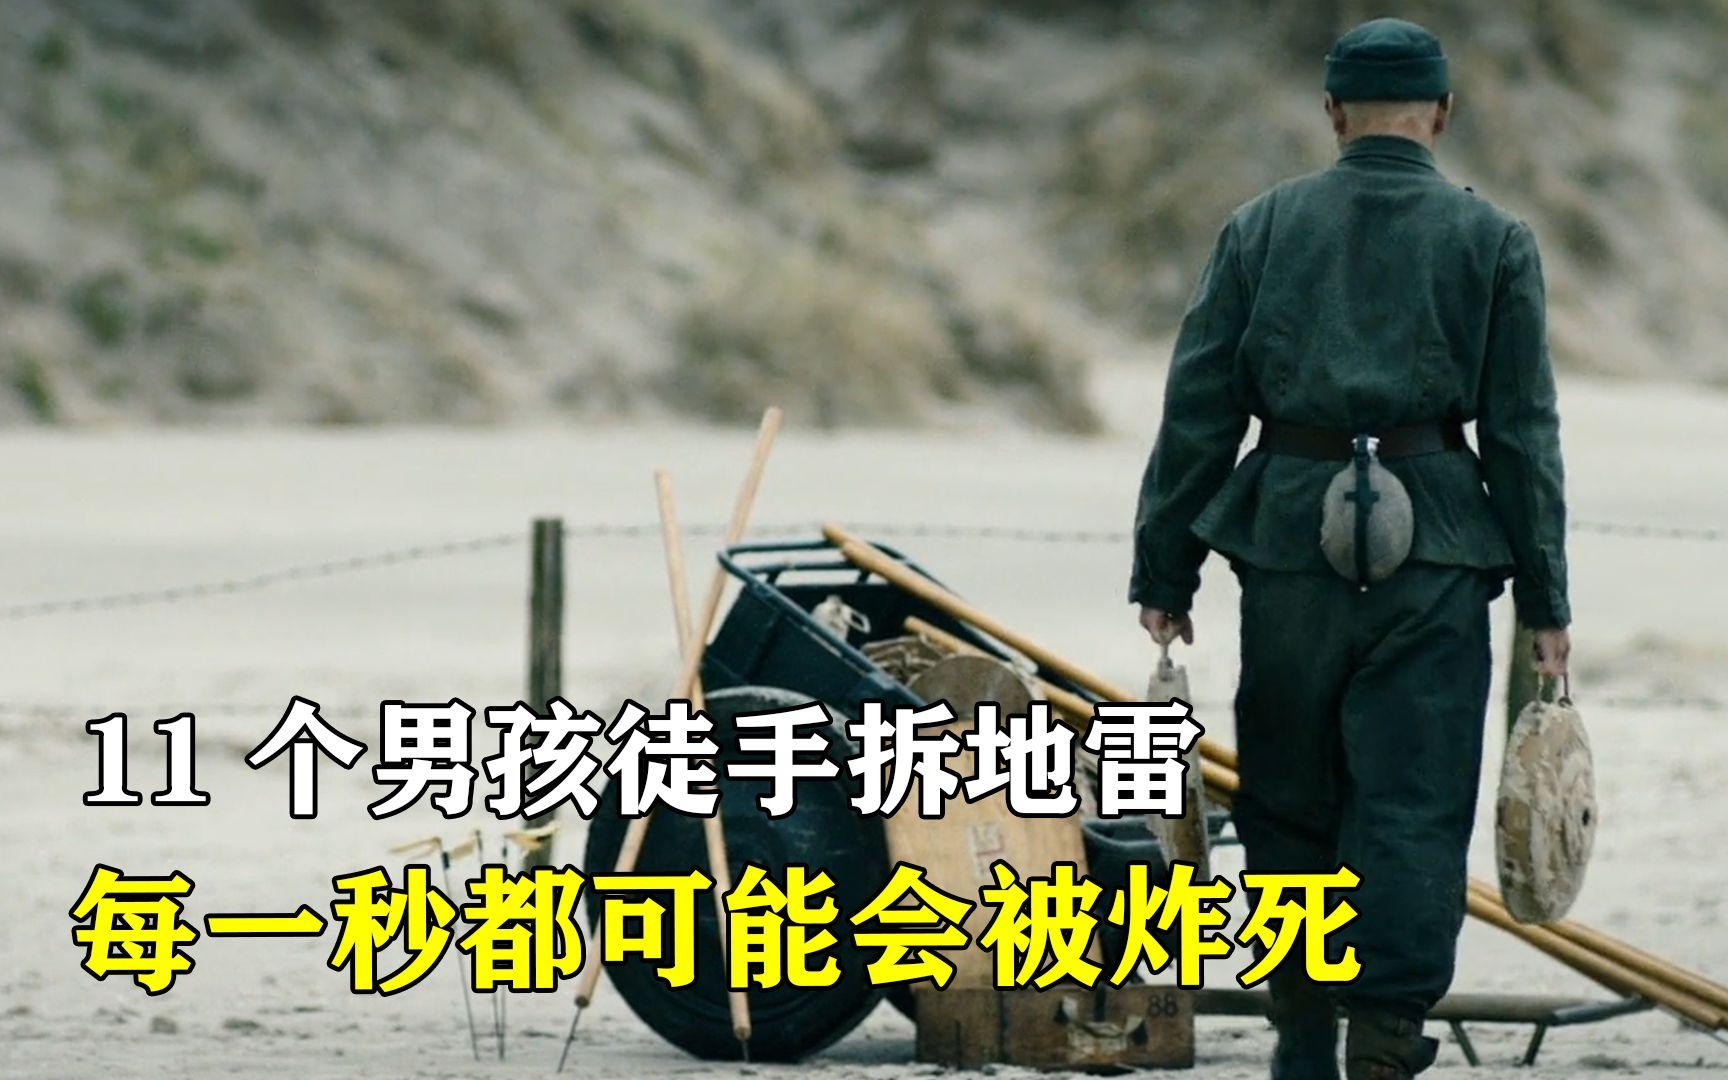 真实事件改编:11个男孩为偿还自己国家的罪孽,被迫徒手拆地雷!